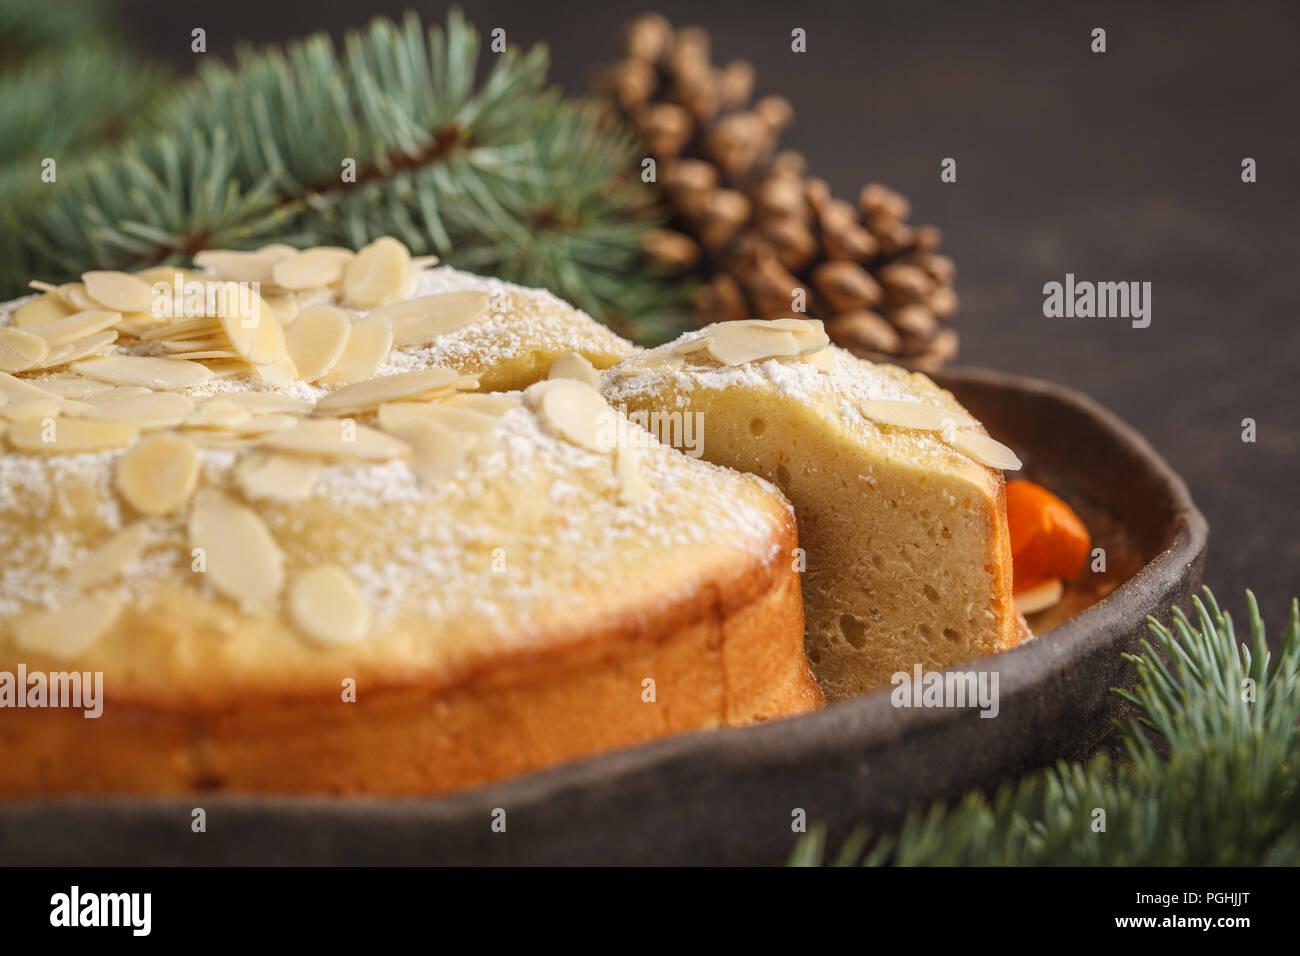 Traditionelle Weihnachten Norwegisch Kuchen In Weihnachtsschmuck